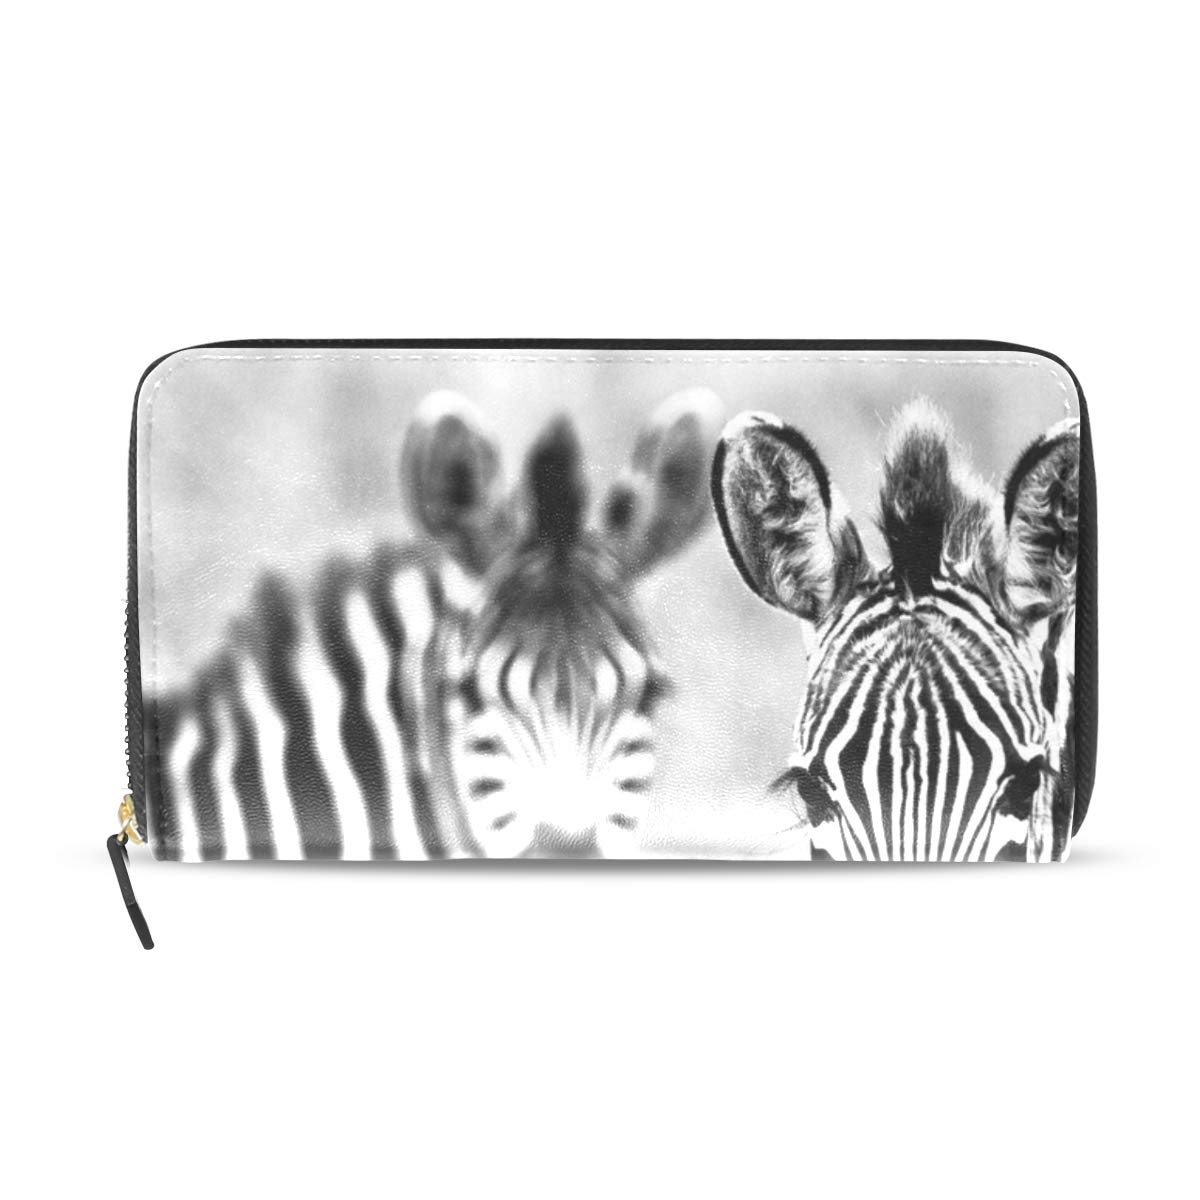 Womens Wallets Zebra Leather Passport Wallet Coin Purse Girls Handbags